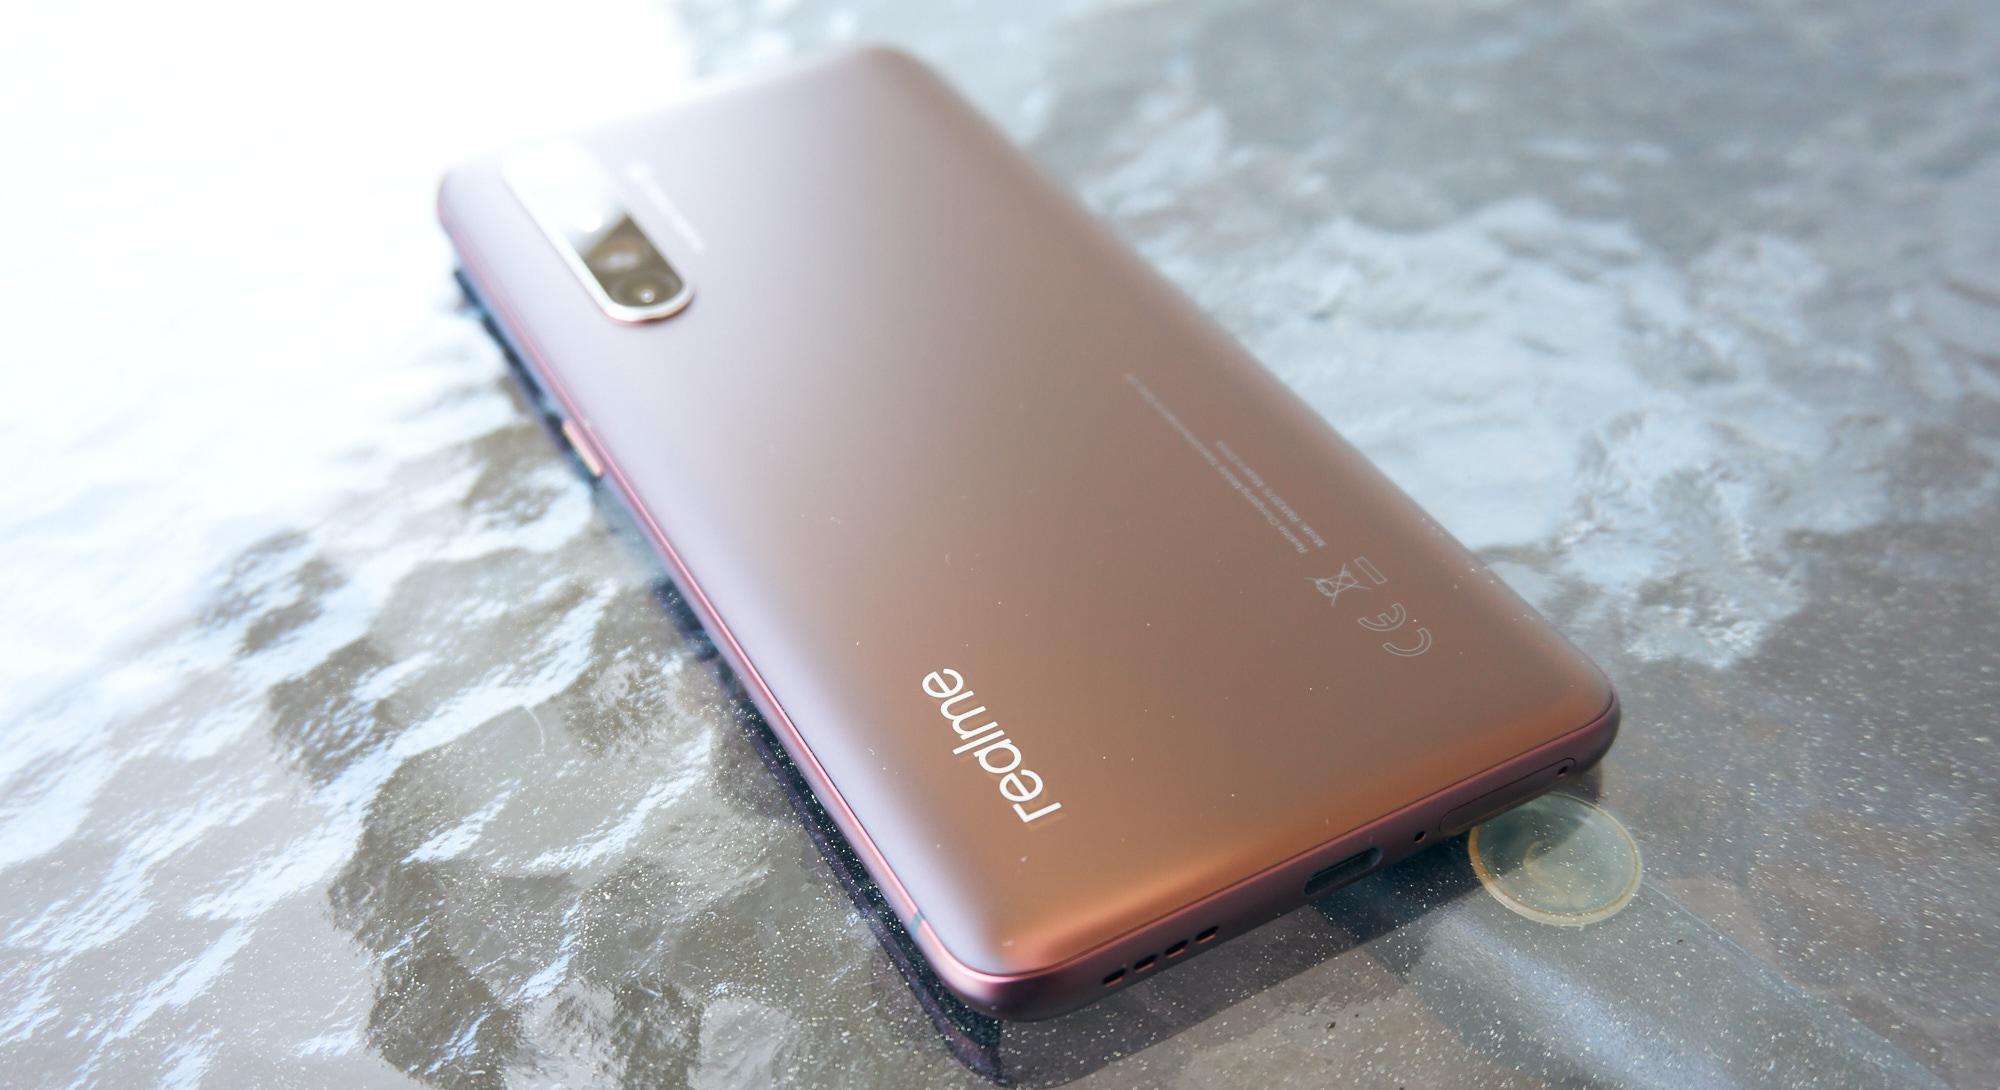 Czas uznać realme za jednego z najbardziej liczących się producentów w segmencie smartfonów 20